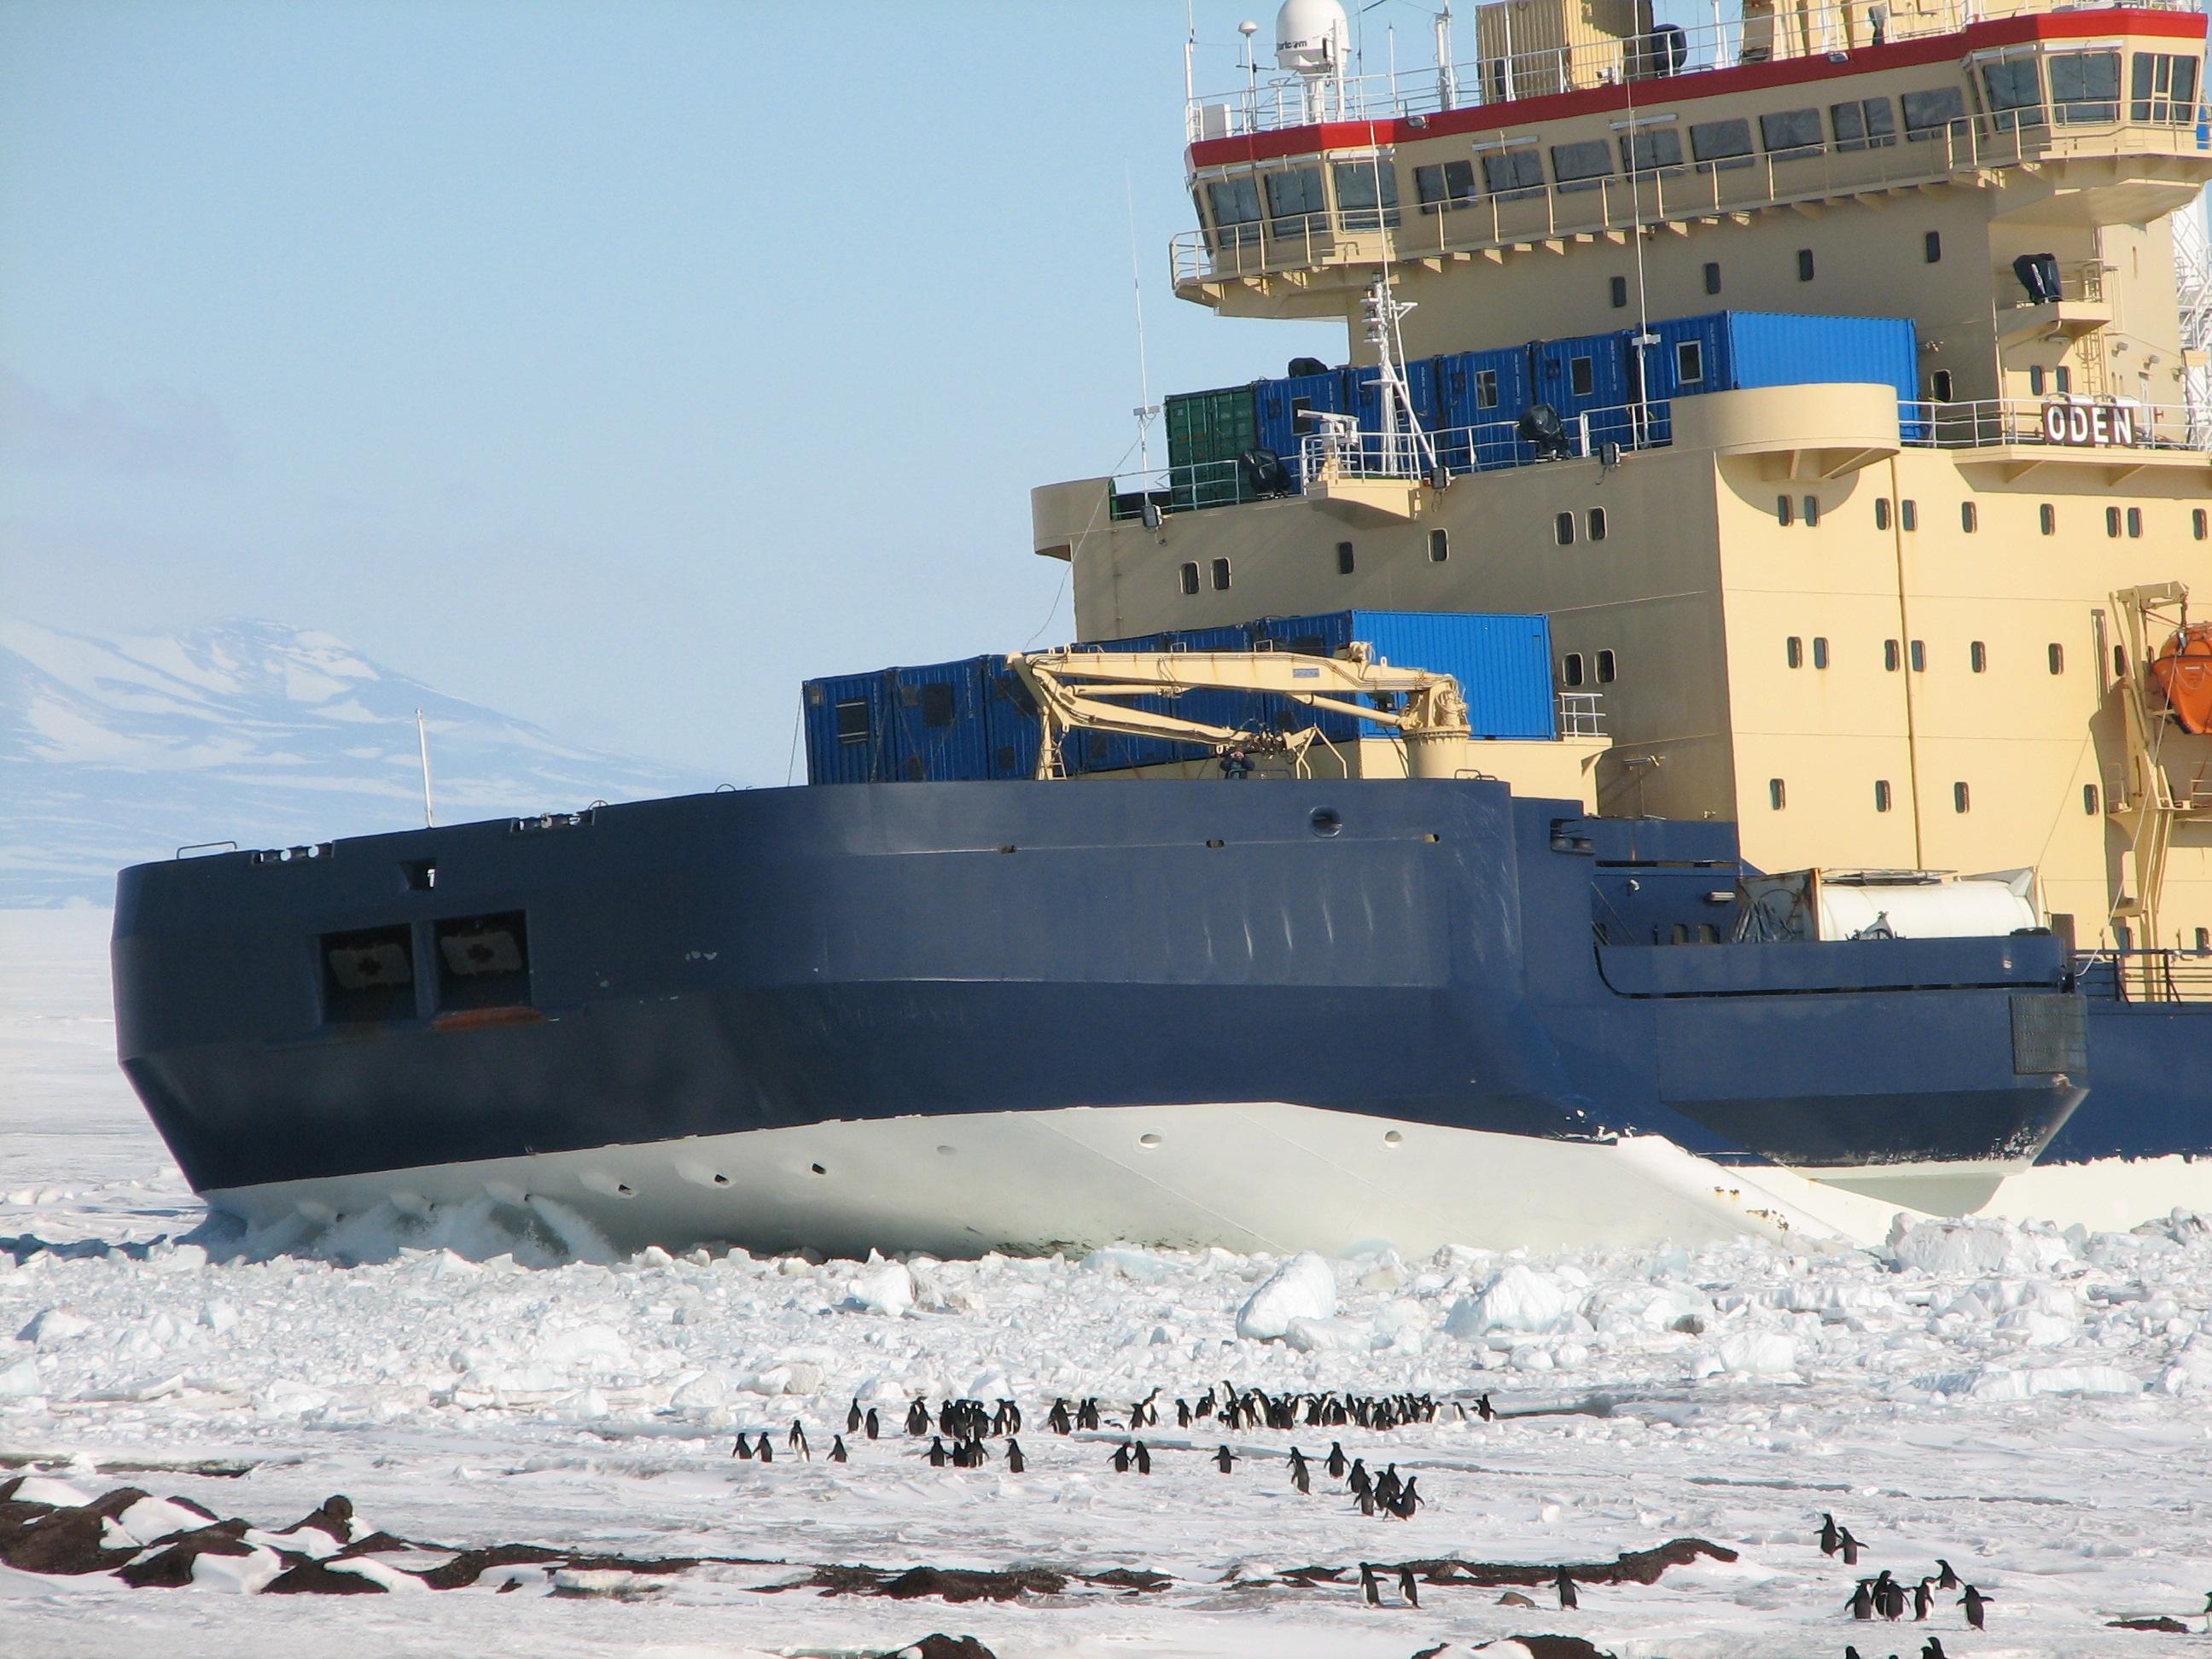 http://icecube.wisc.edu/~krasberg/pictures/2007_01_07-Penguins/2411-Penguins-Investigate-Icebreaker-IMG_2411.JPG